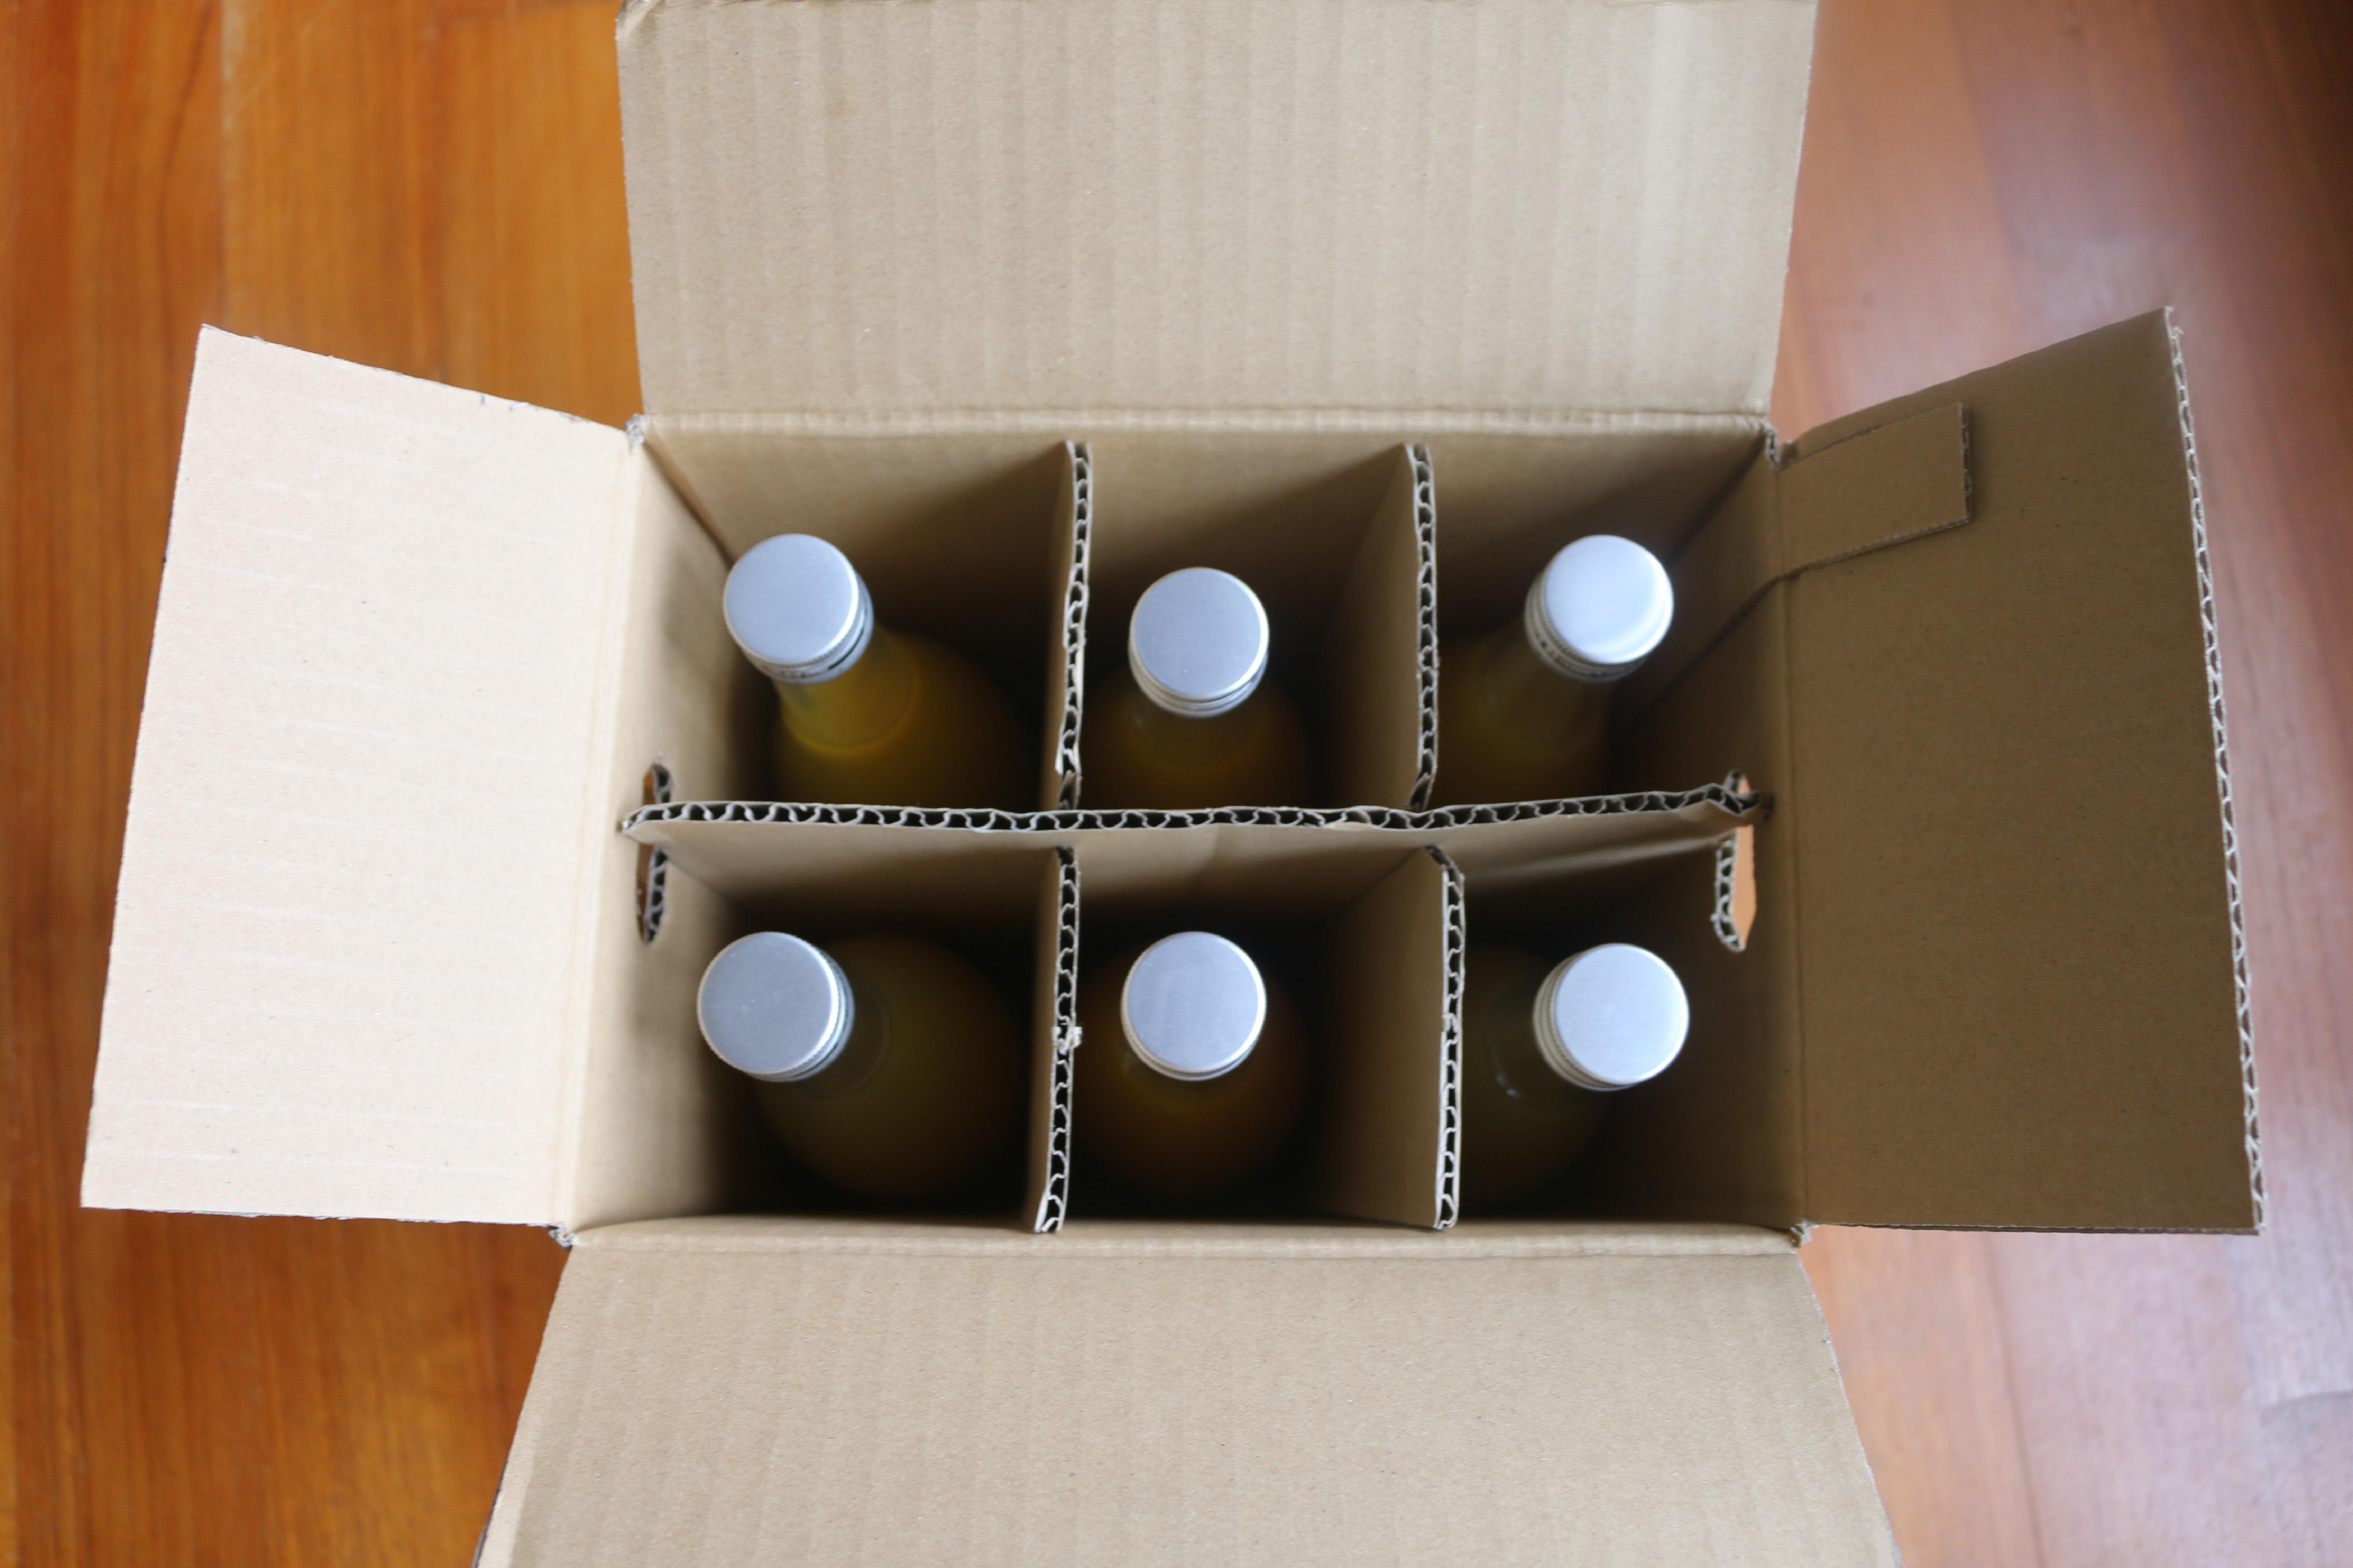 ジュースの瓶6本